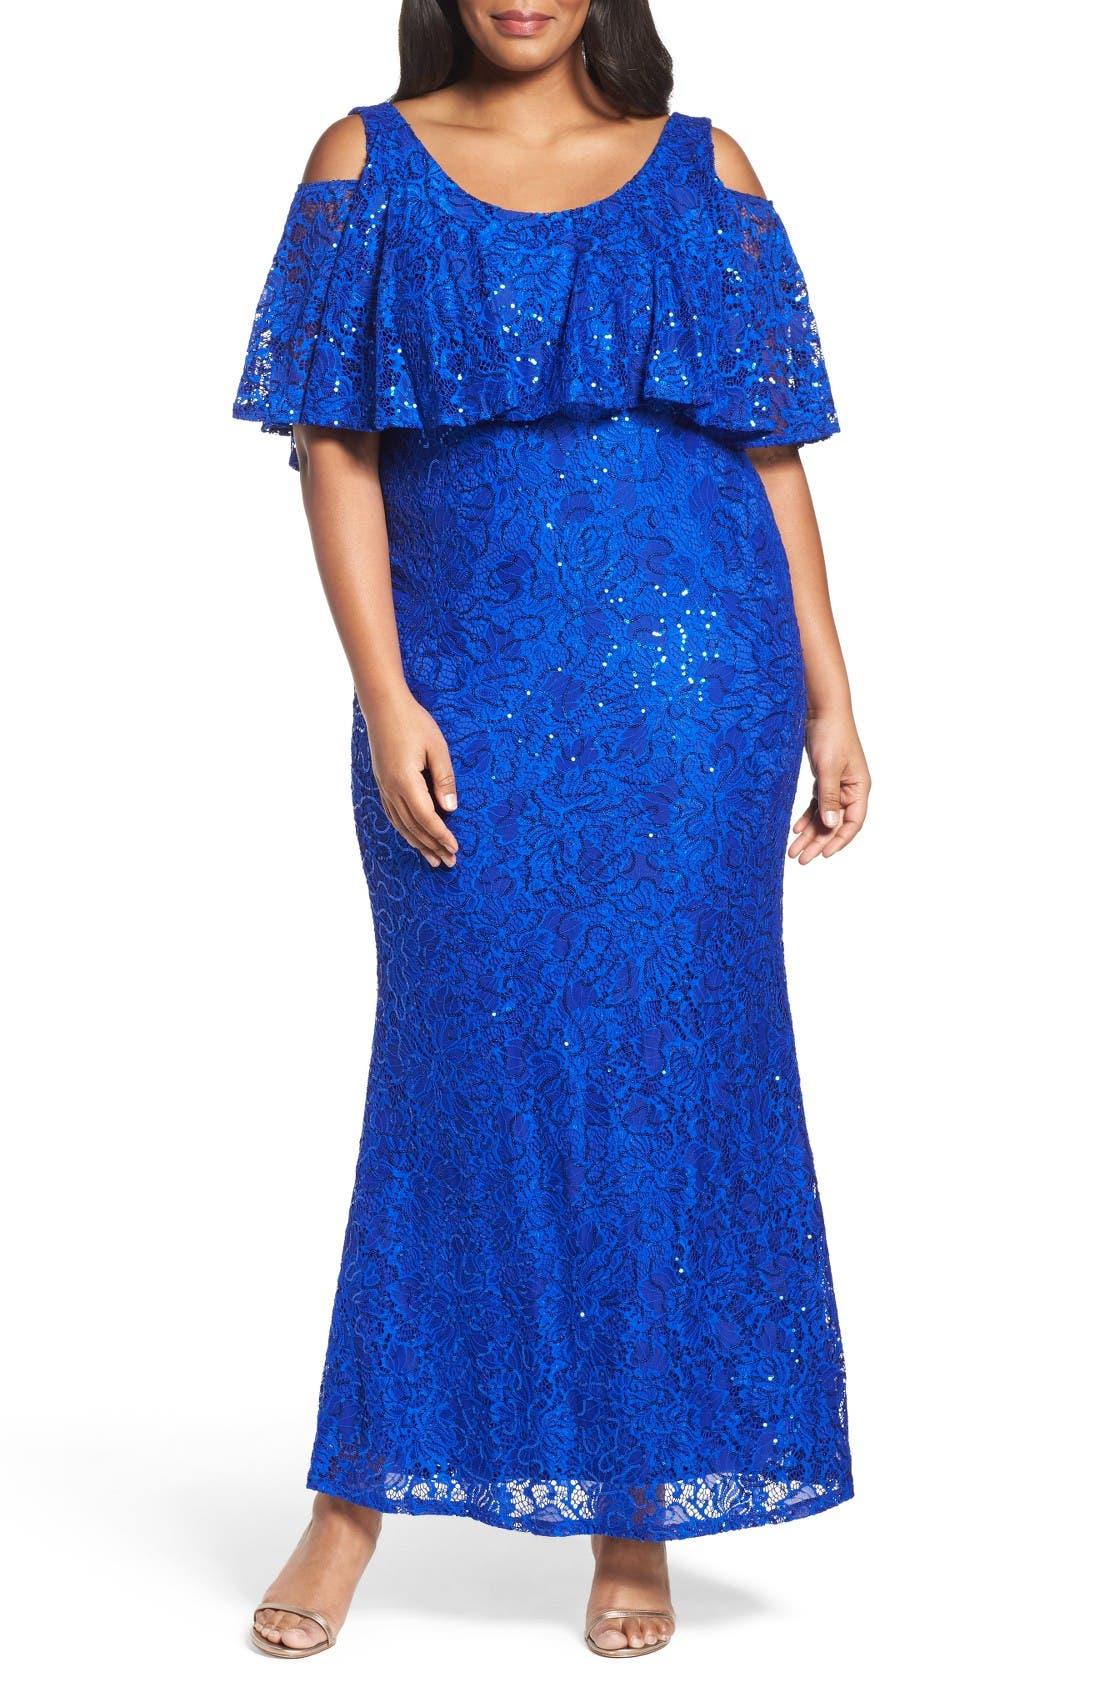 Main Image - Marina Sequin Lace Cold Shoulder Long Dress (Plus Size)